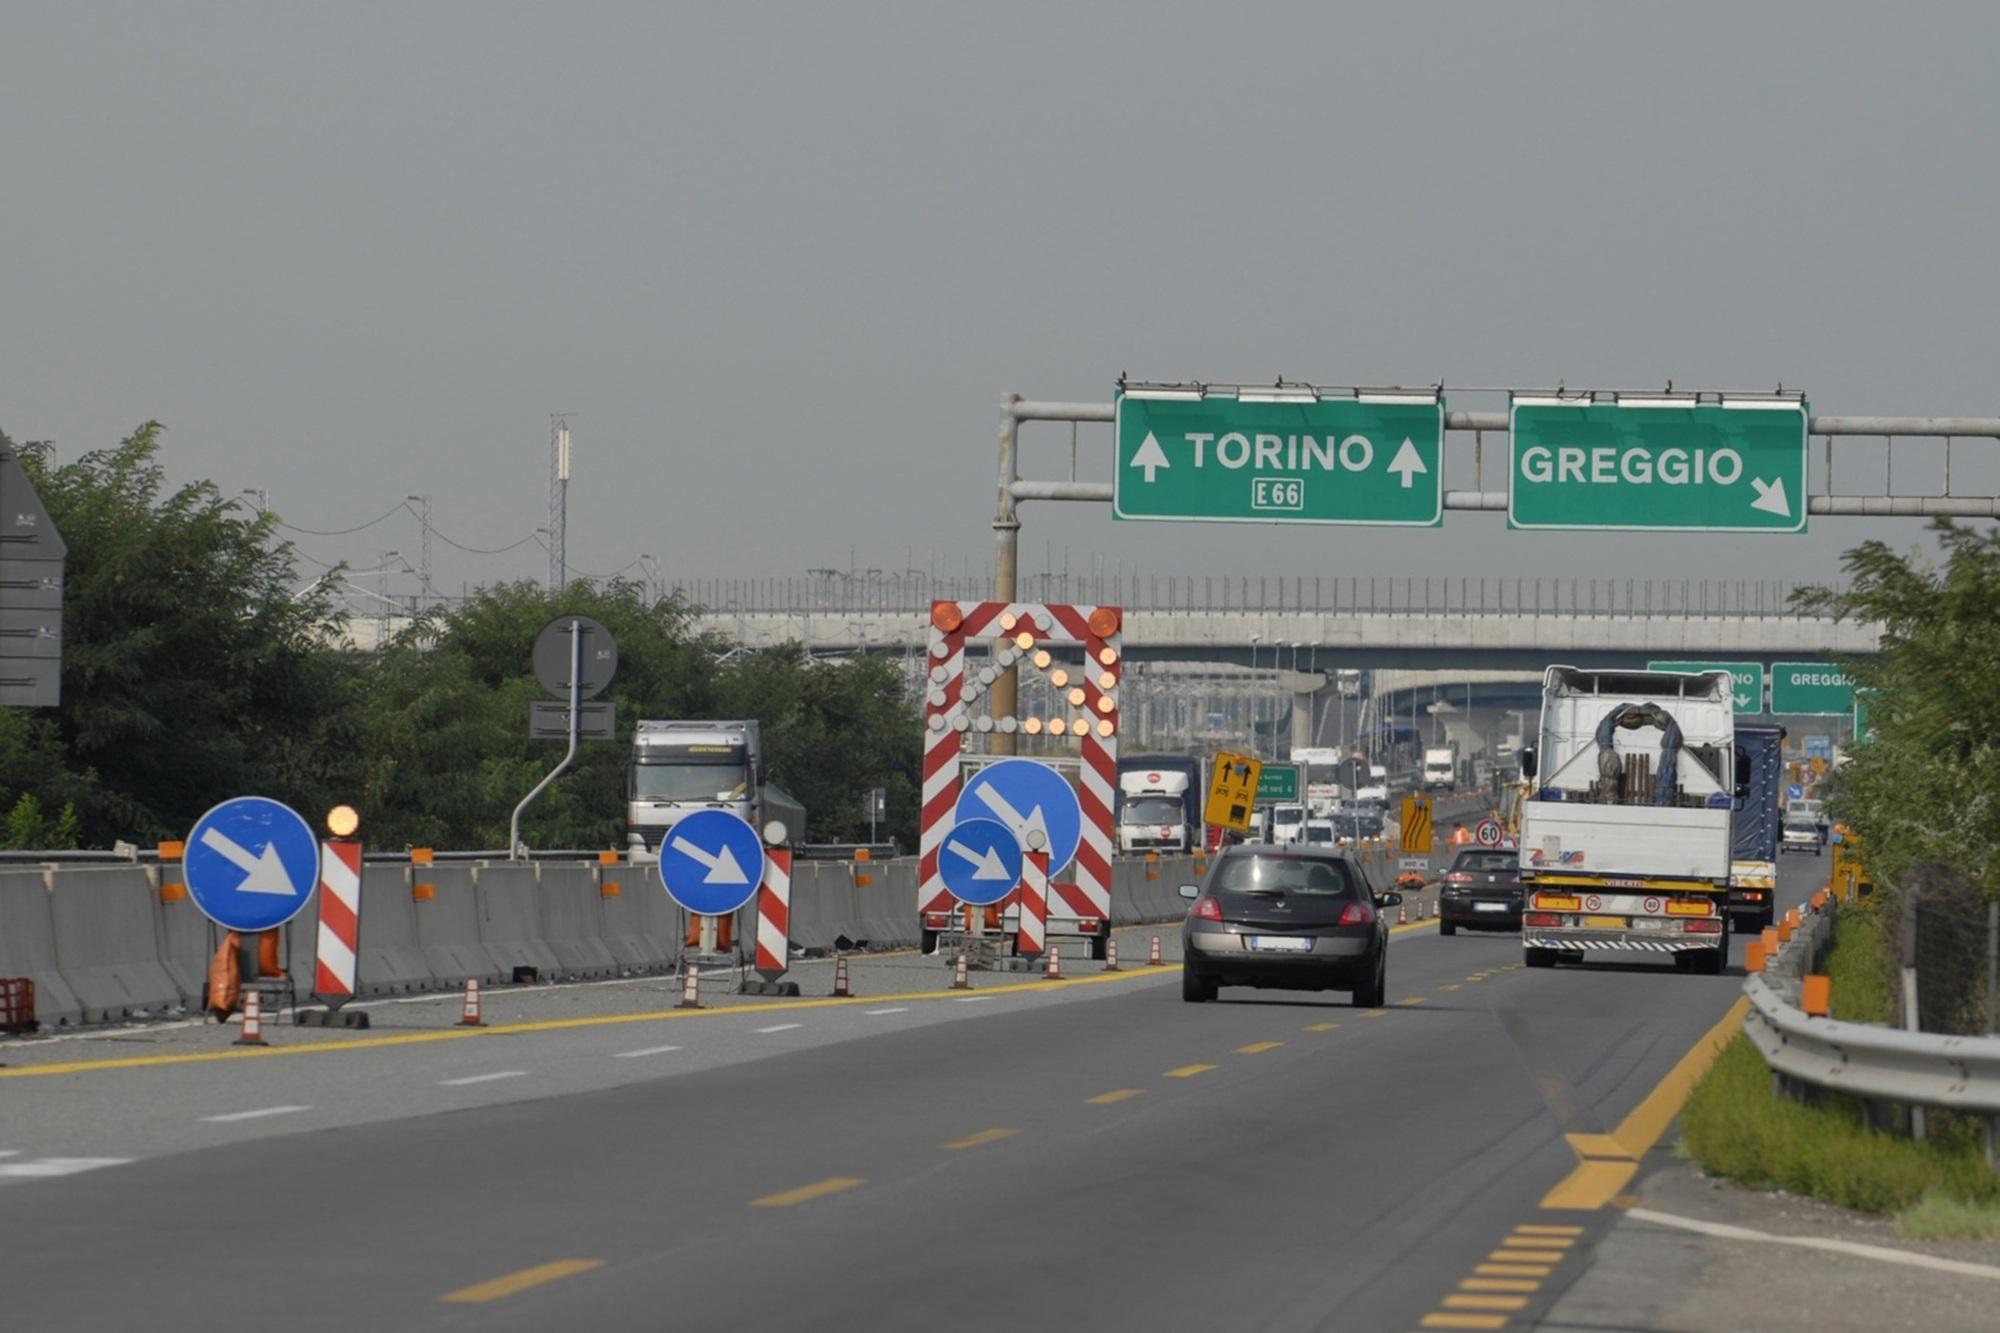 Teure Verkehrssünden im Ausland - Da hört der Urlaubsspaß schnell auf